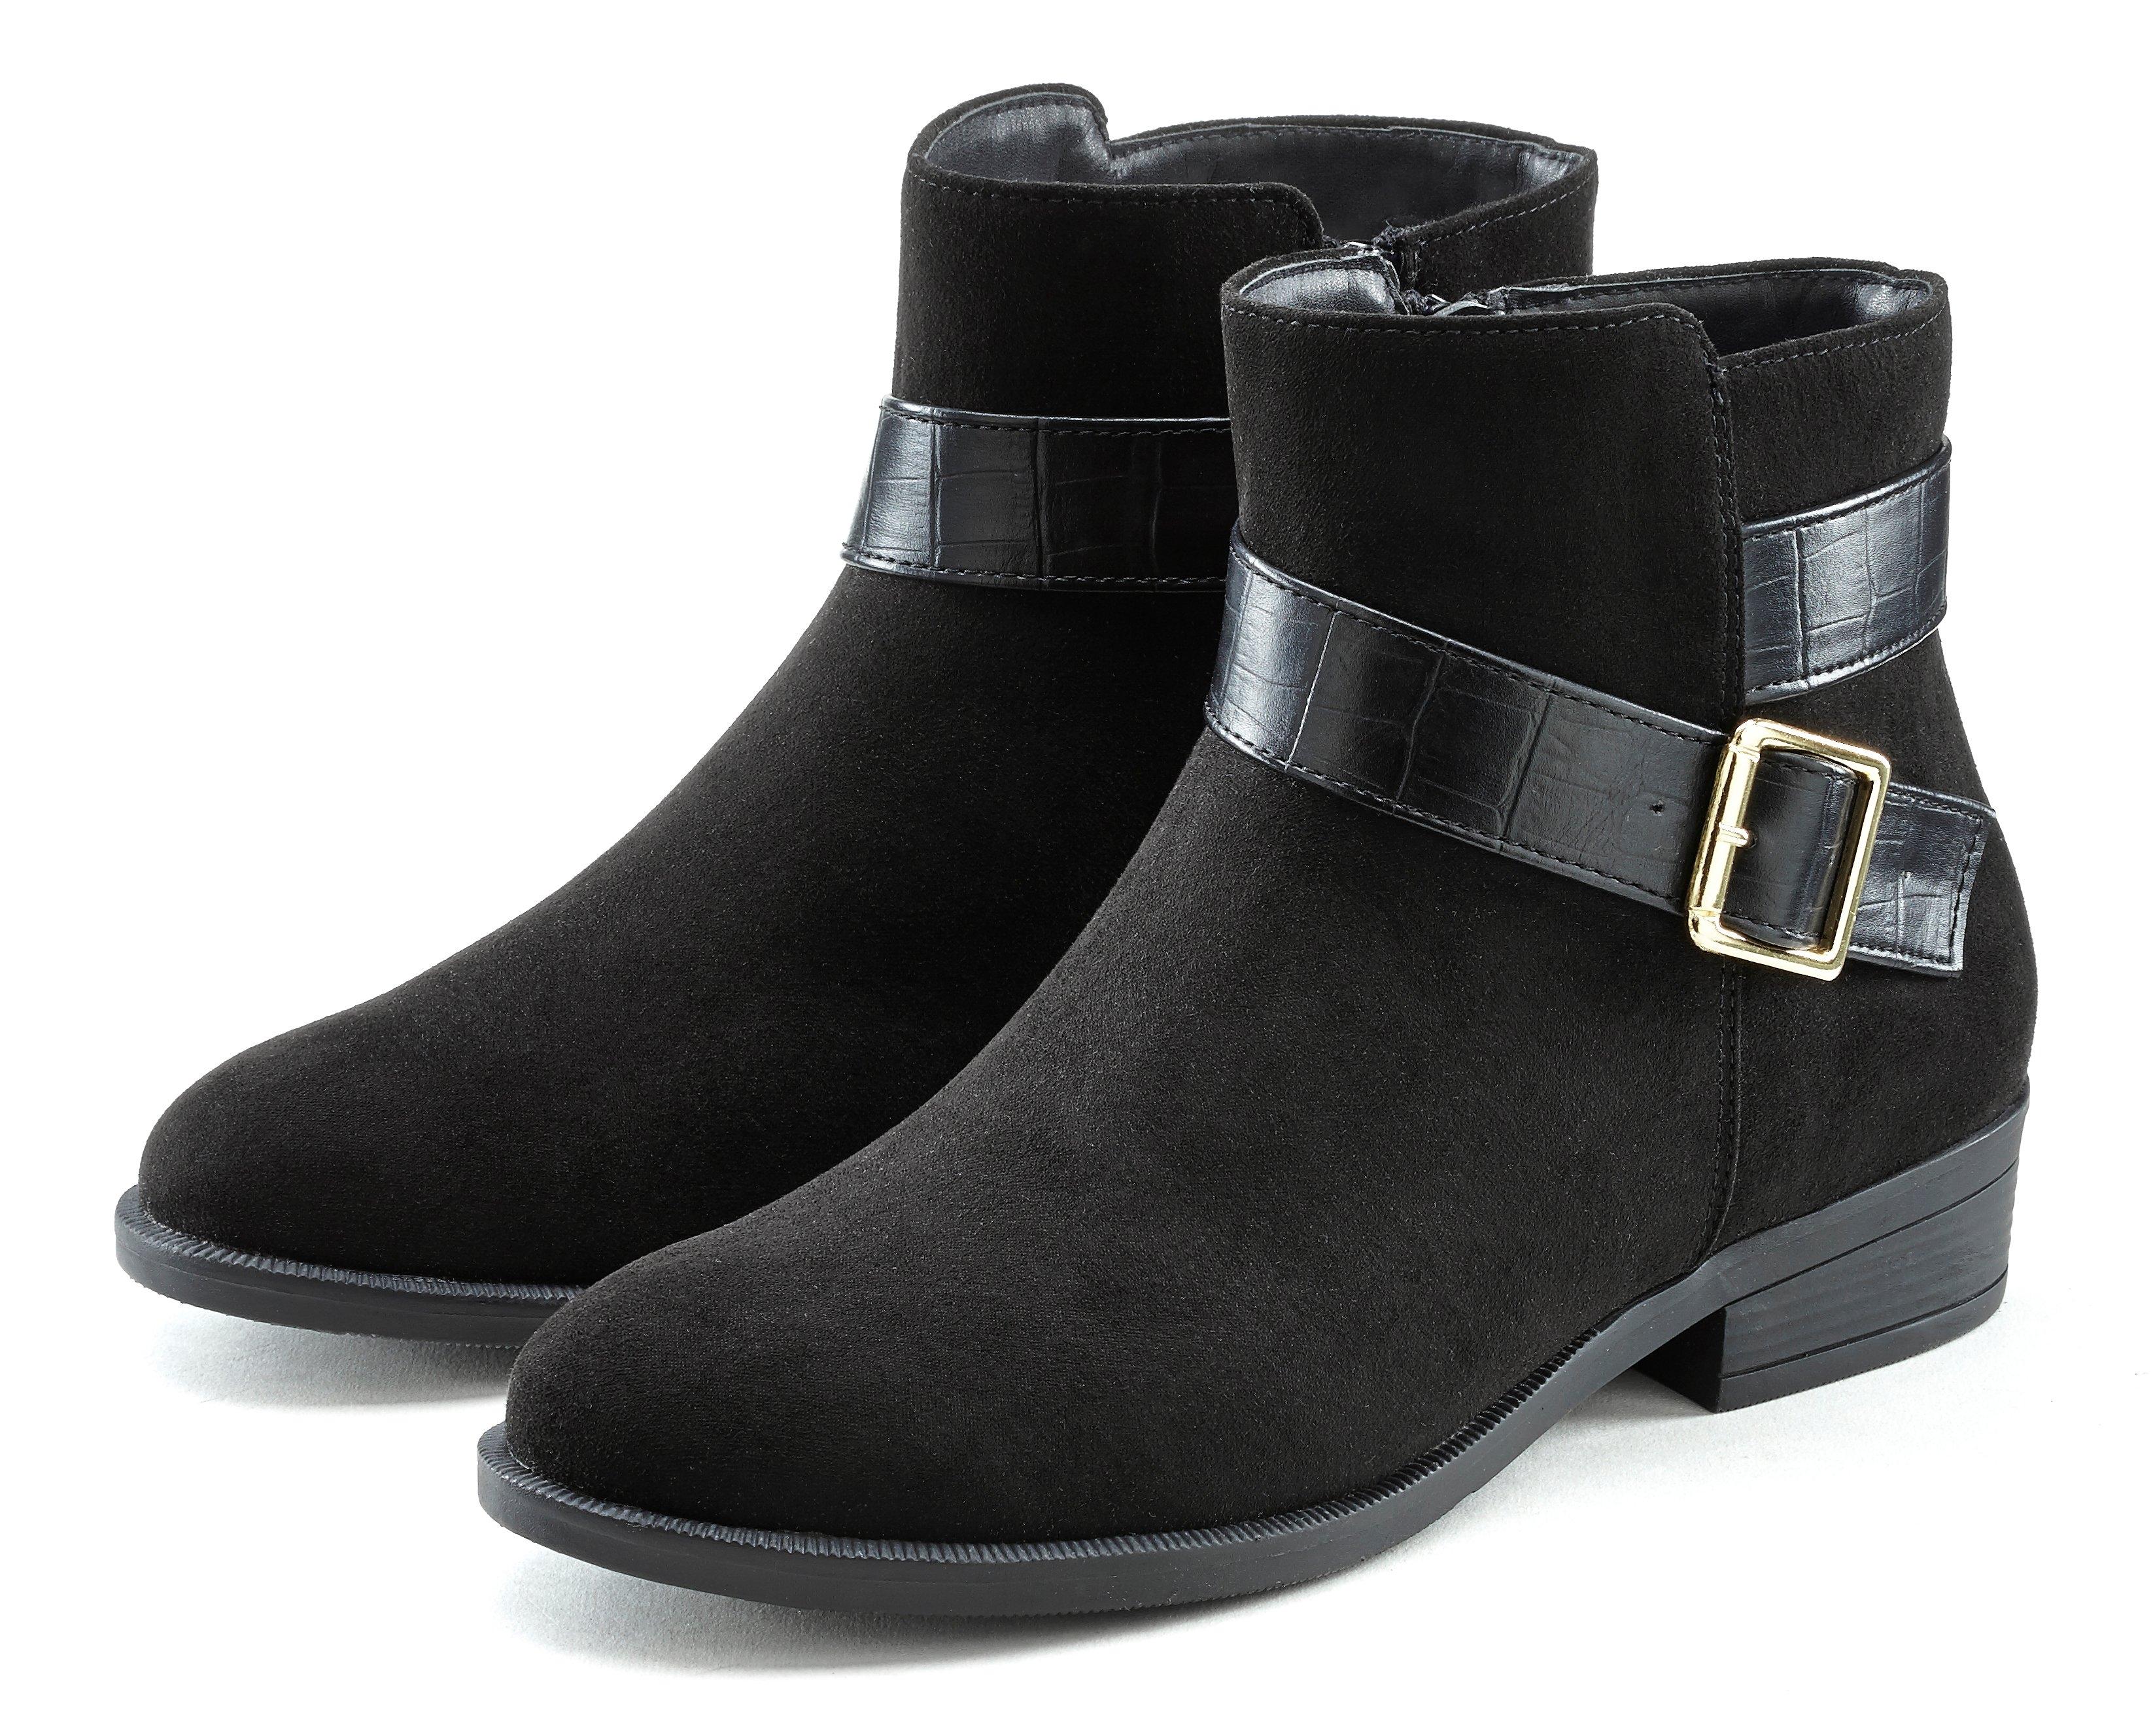 Lascana Chelsea-boots klassieke look met kroko-inzetten voordelig en veilig online kopen